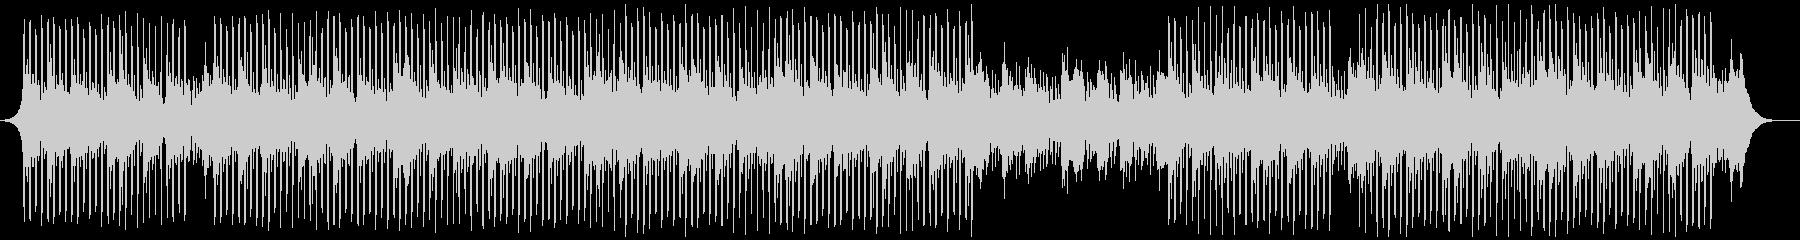 インフォグラフィックの未再生の波形